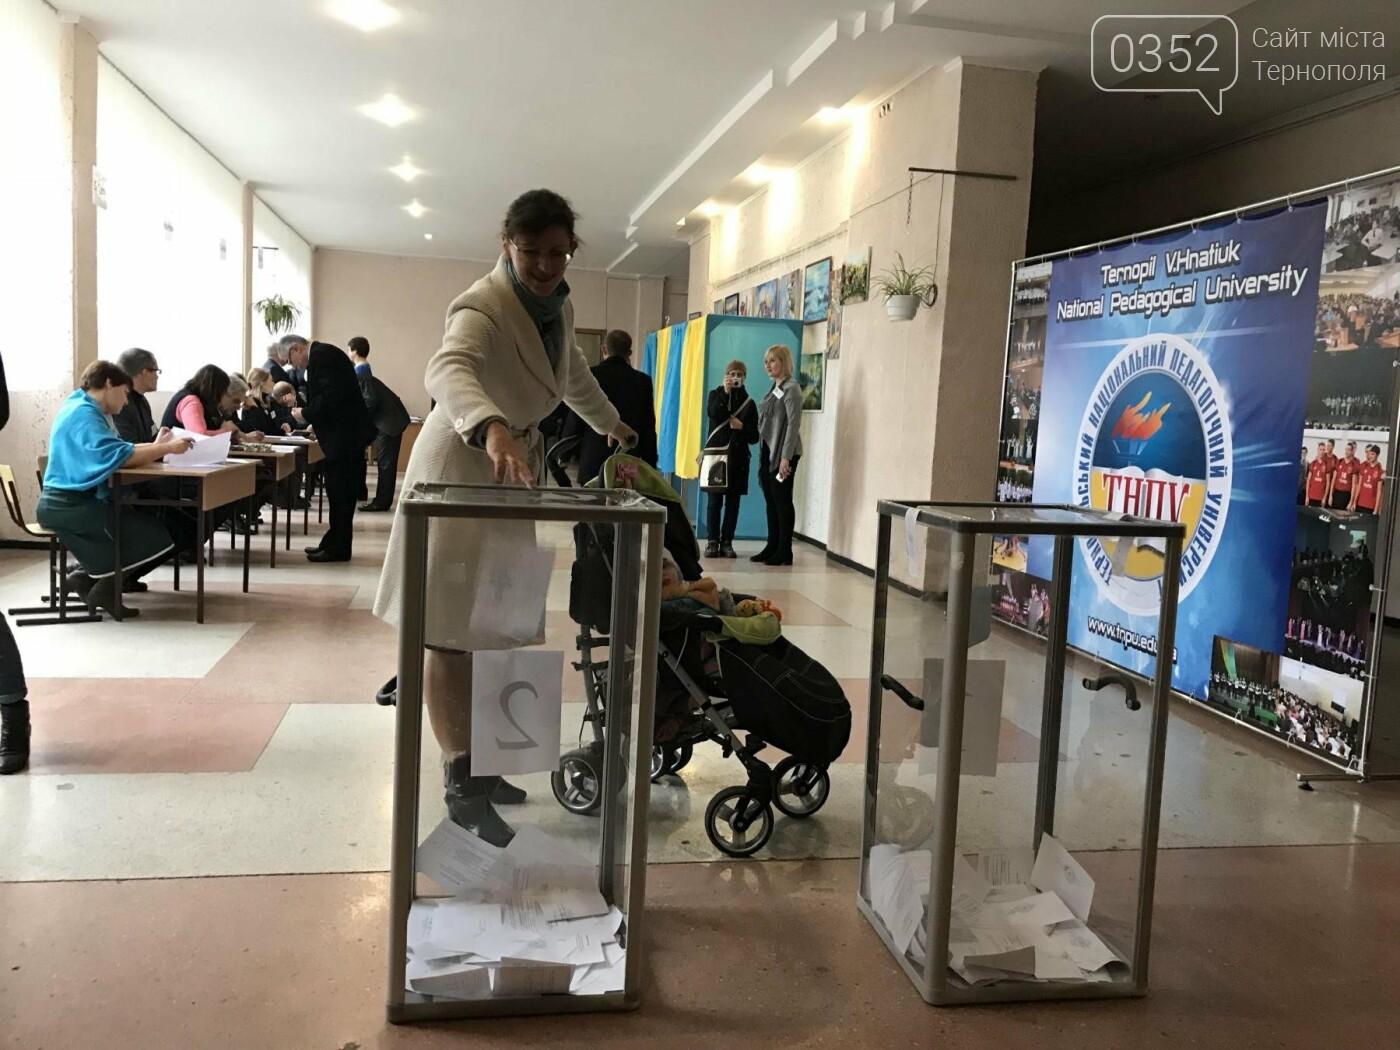 У Тернополі сьогодні відбуваються вибори (Фото), фото-3